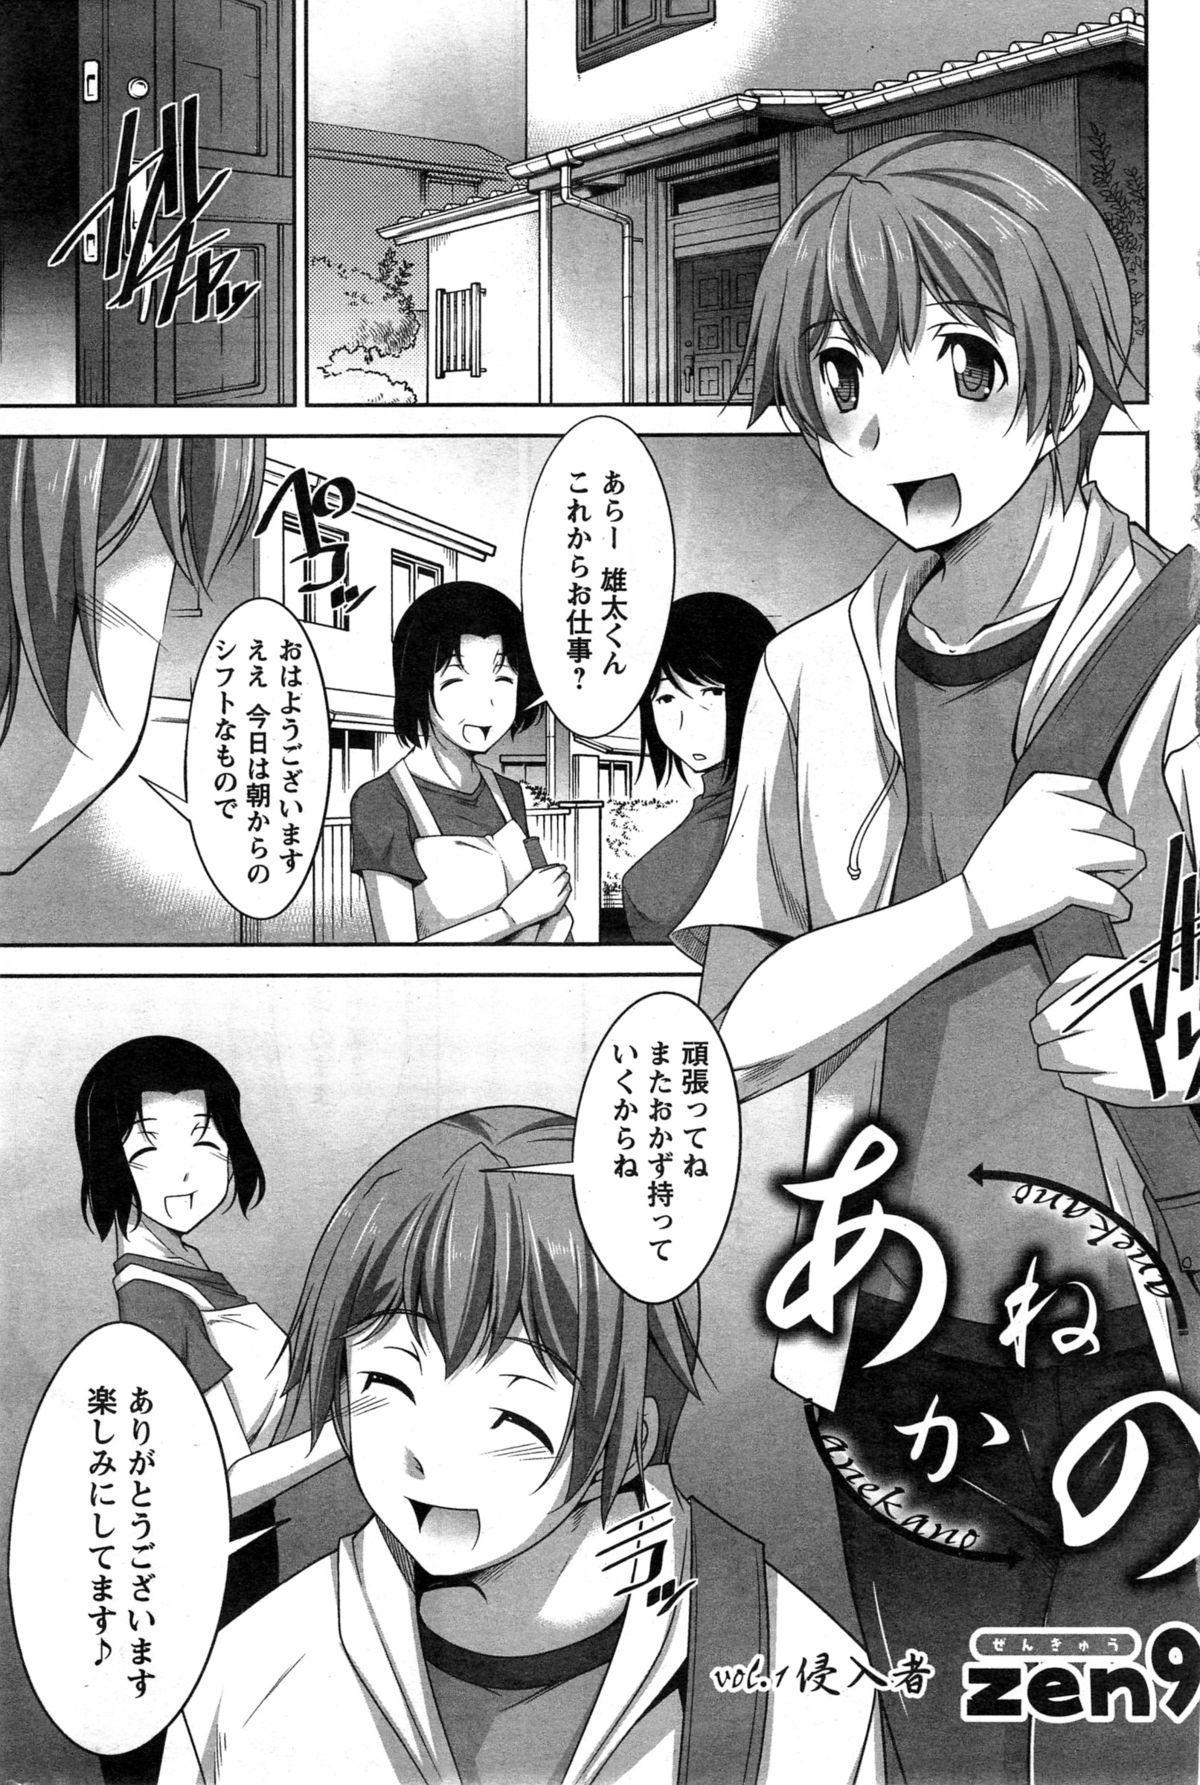 Anekano Ch. 1-2 4